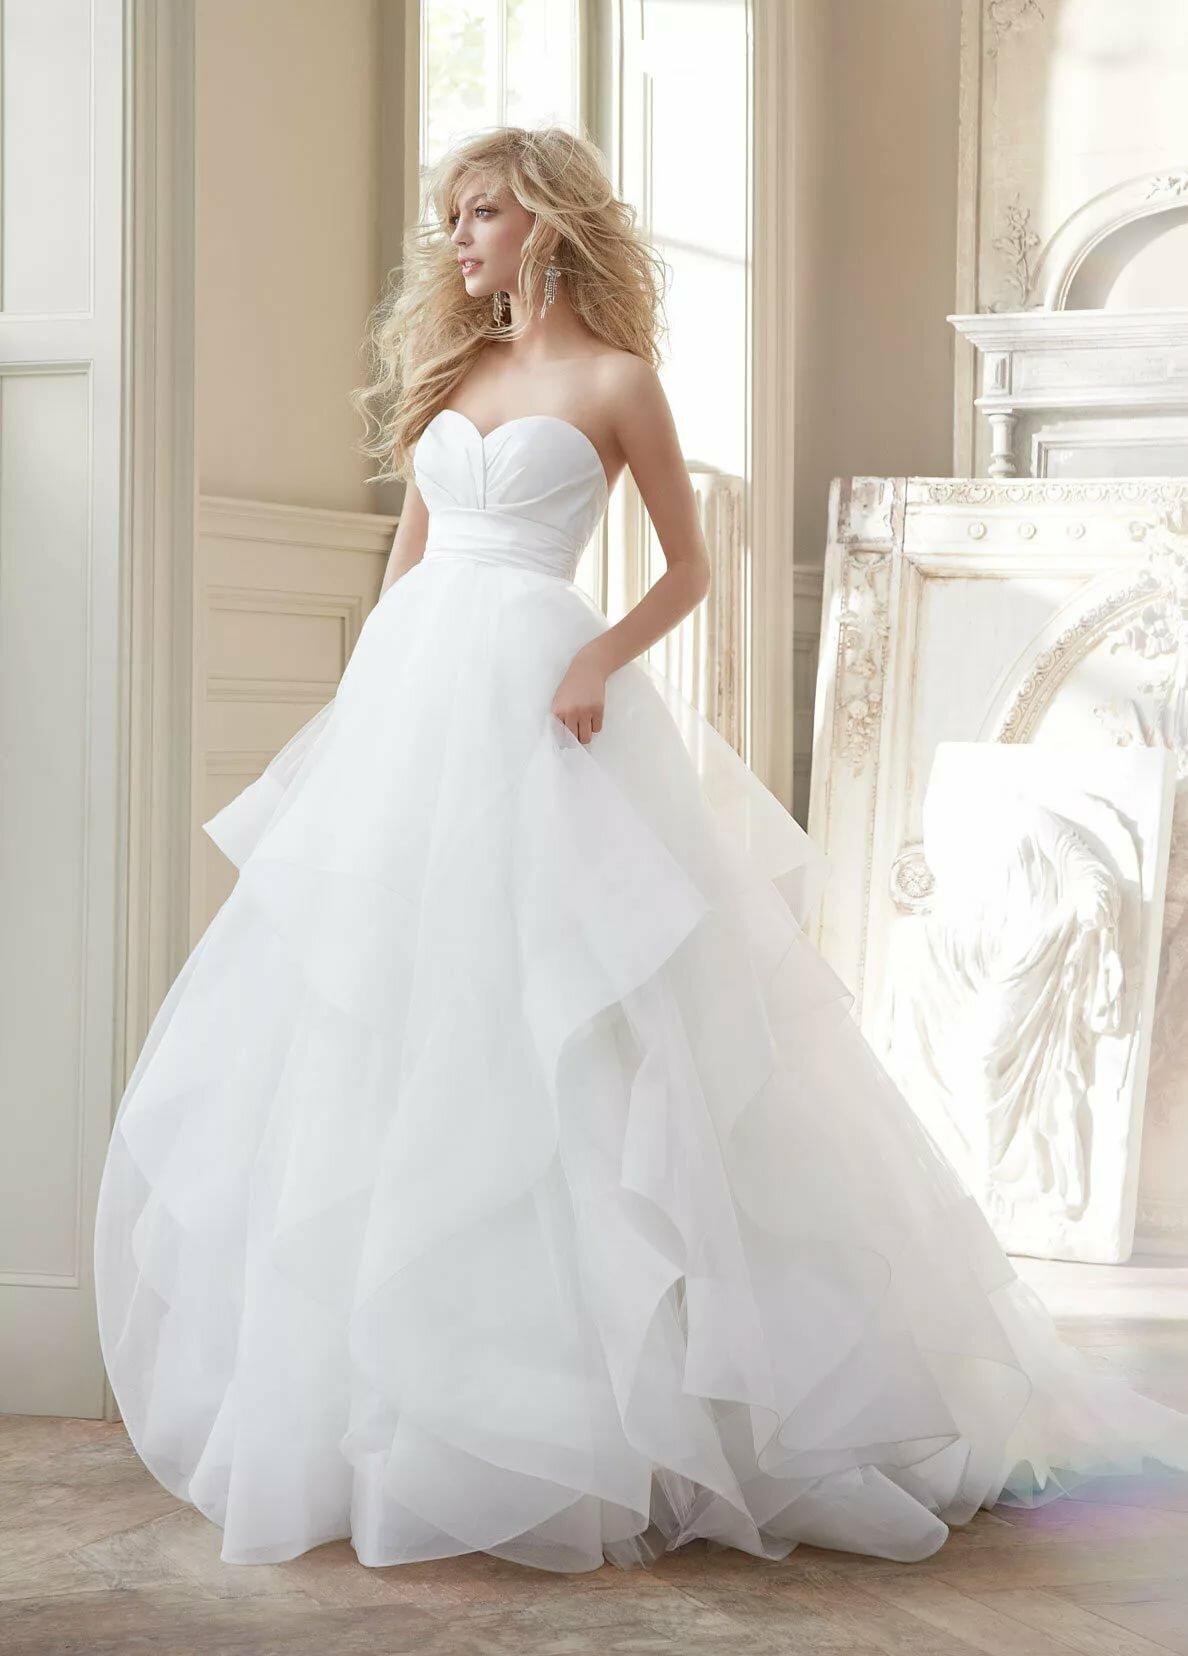 Картинки блондинки в свадебных платьях